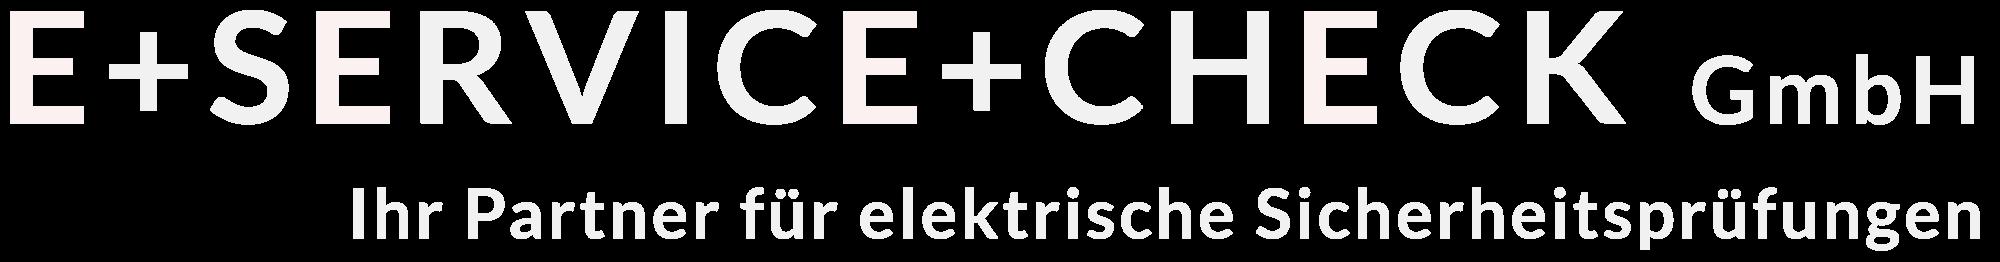 E+Service+Check ist Ihr zuverlässiger Partner für bundesweite elektrische Sicherheitsprüfungen